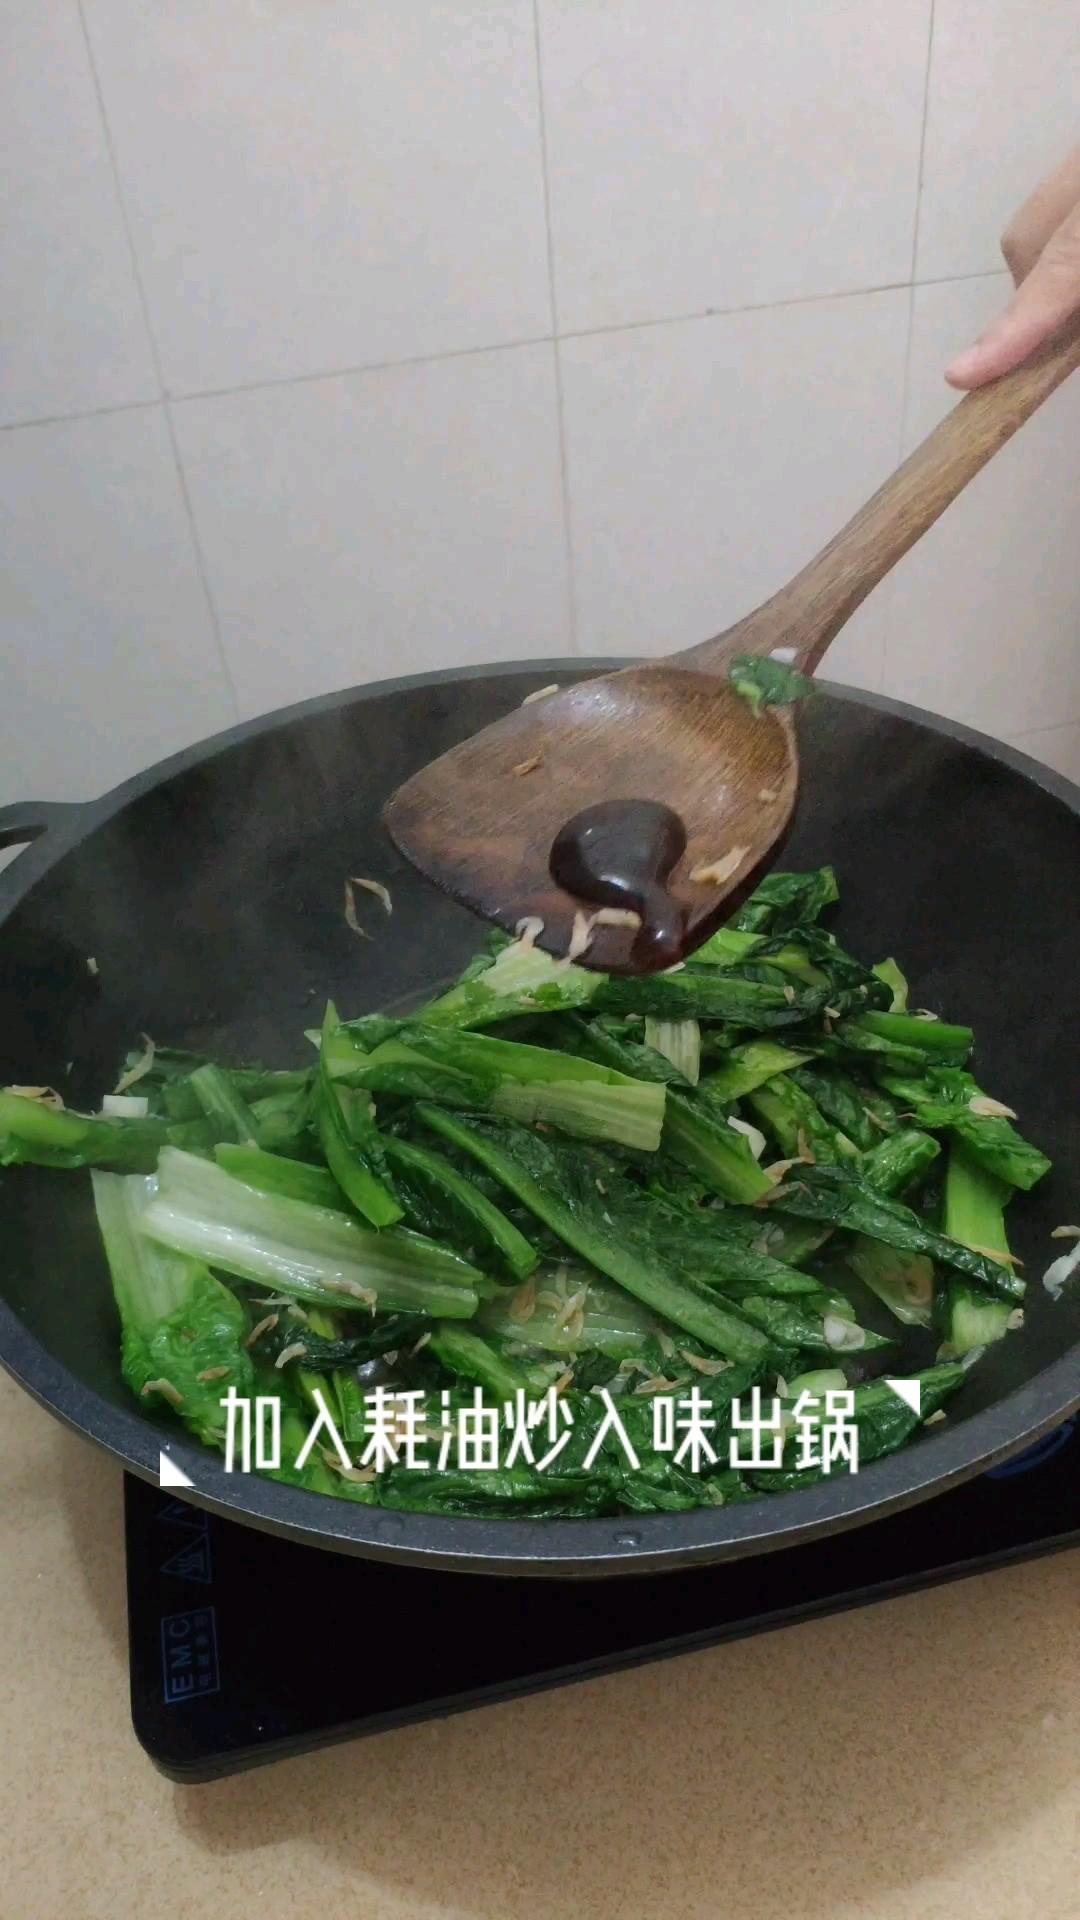 虾皮炒油麦菜的步骤